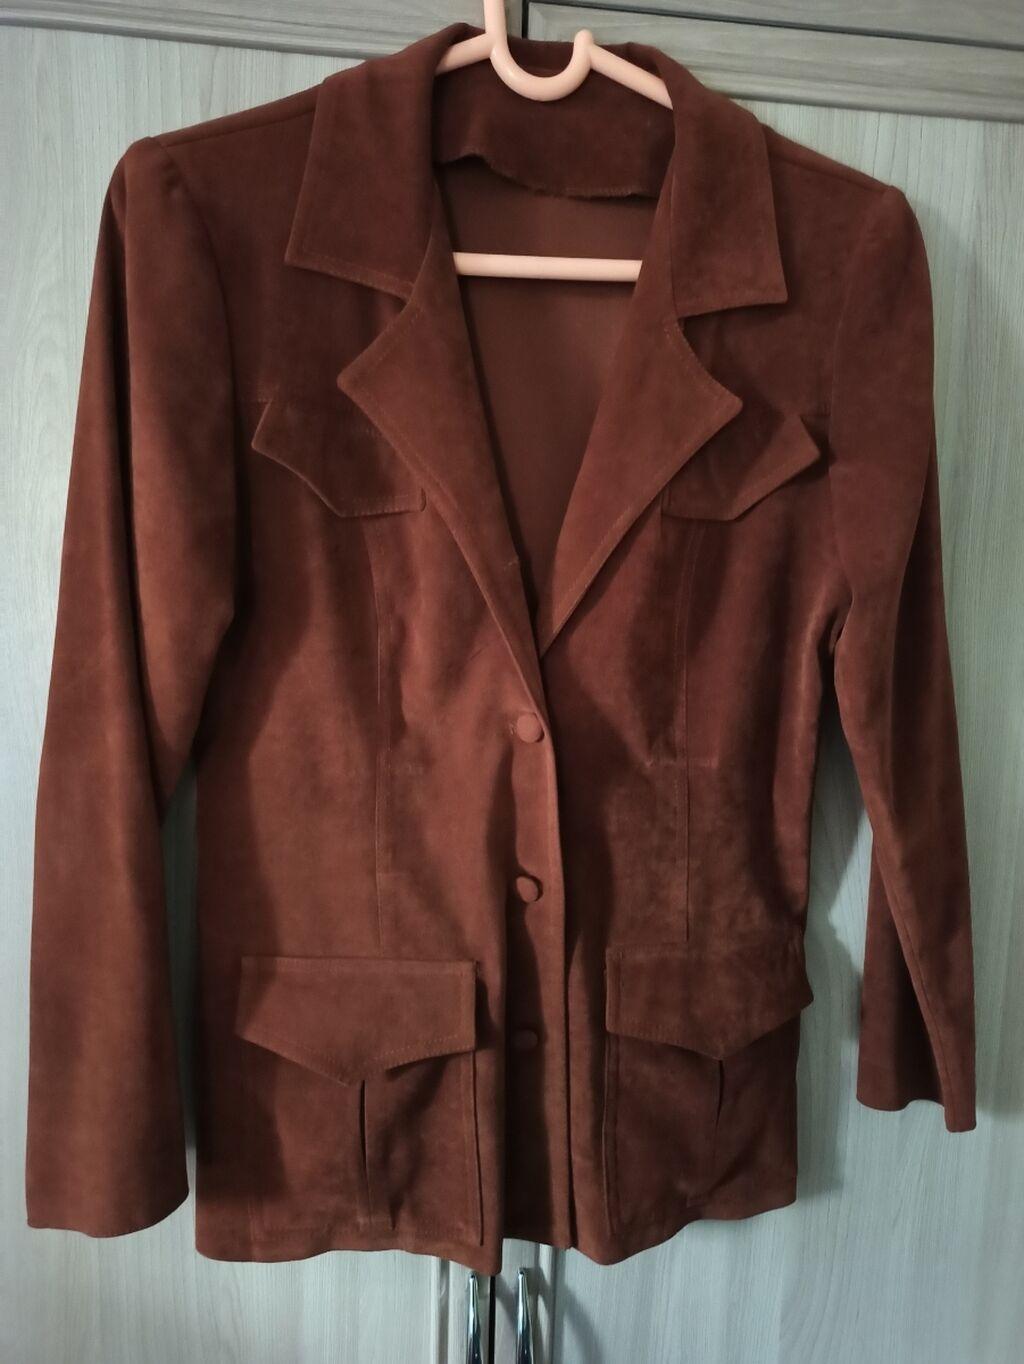 Продаю пиджак в хорошем состоянии размер 46-48. 6 мкр: Продаю пиджак в хорошем состоянии размер 46-48. 6 мкр